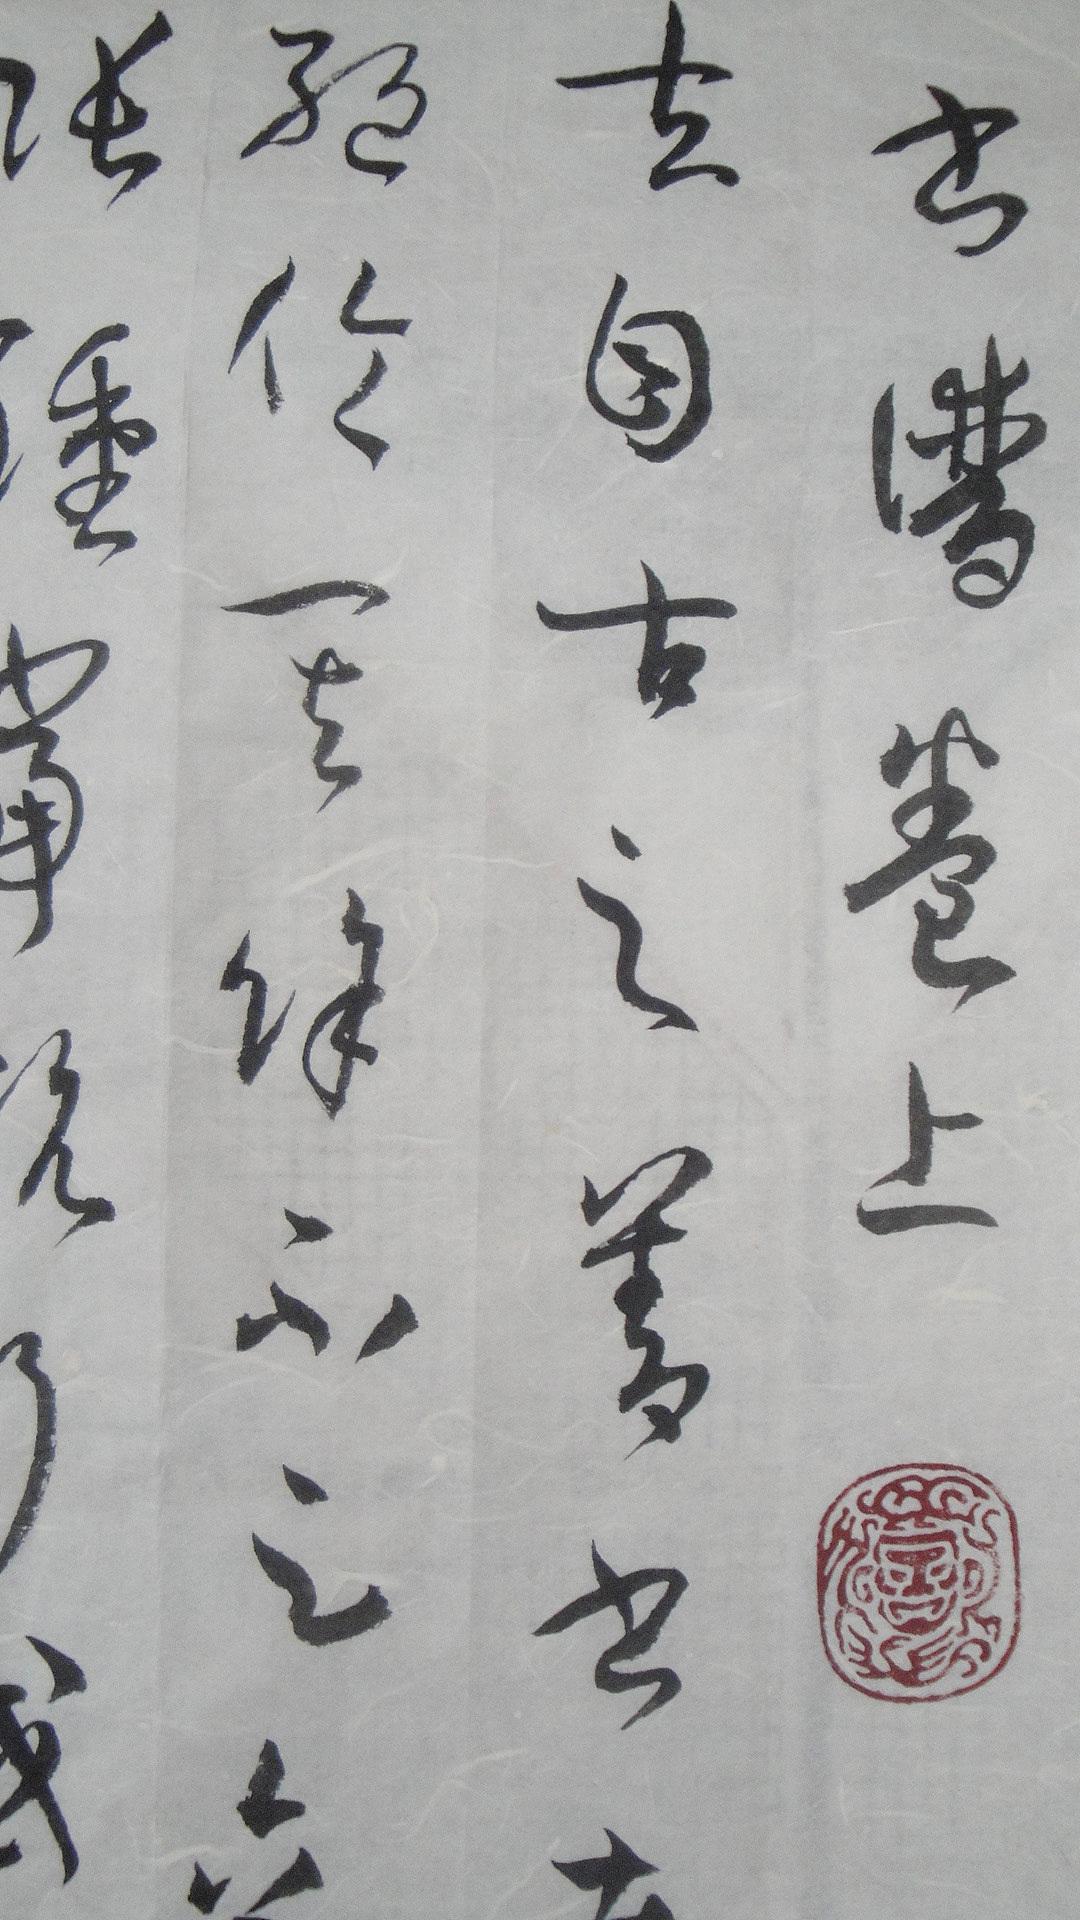 京剧曲谱拾玉镯清早起-它对书法欣赏、技巧等方面至今仍有重要现实意义.《书谱》书于垂拱